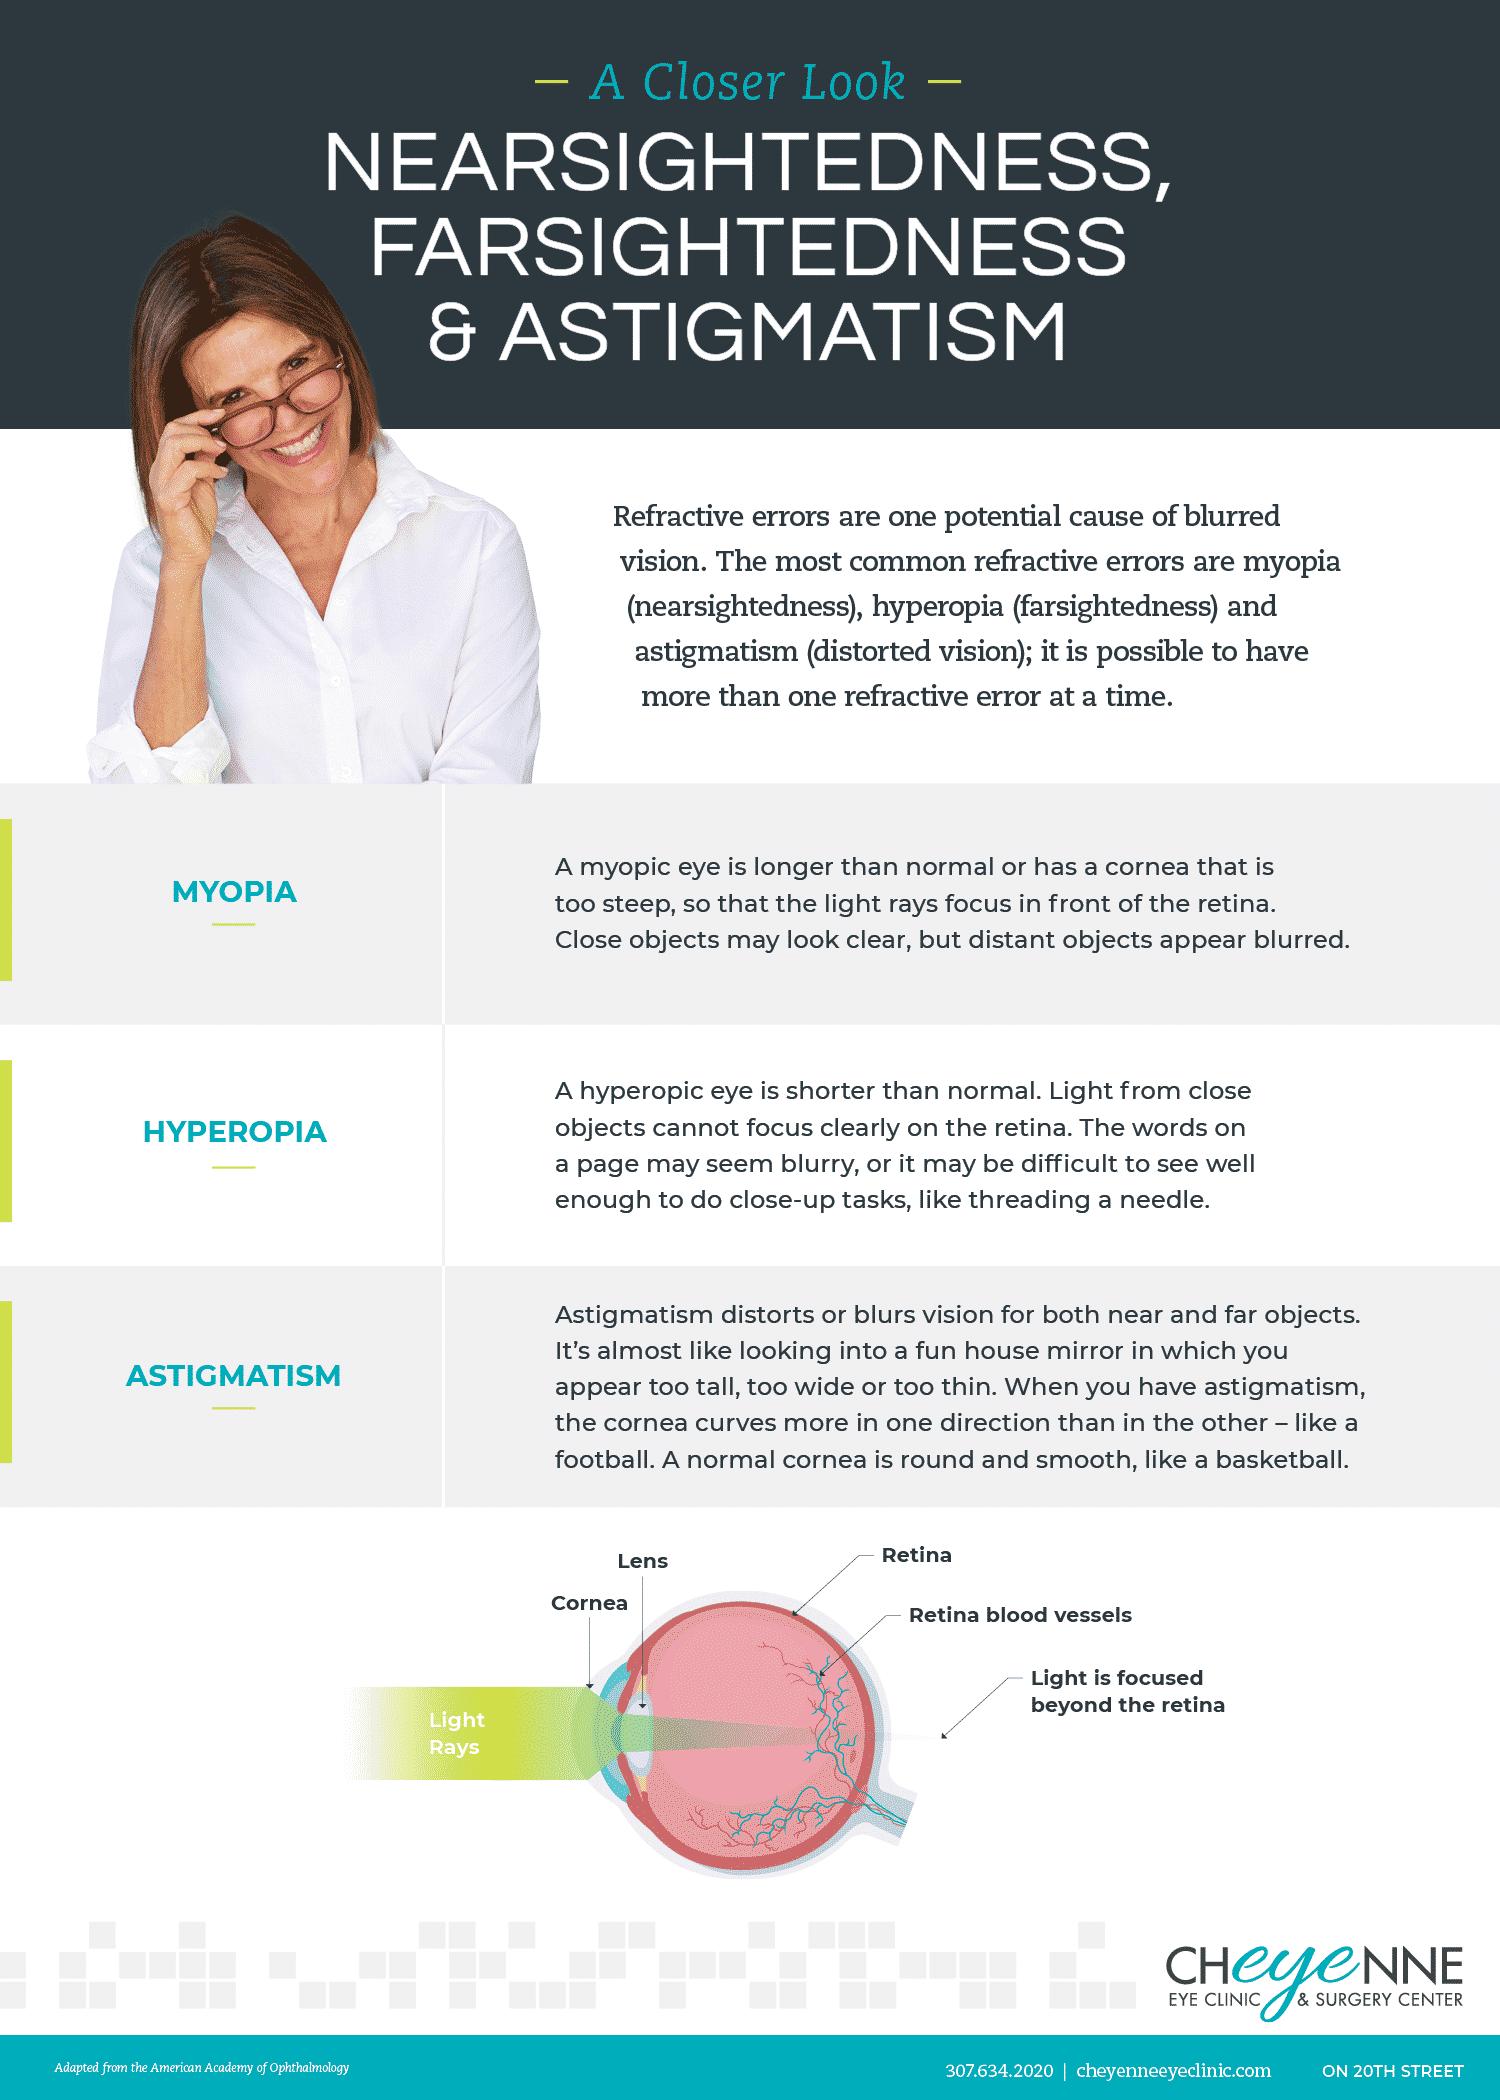 cheyenne astigmatism